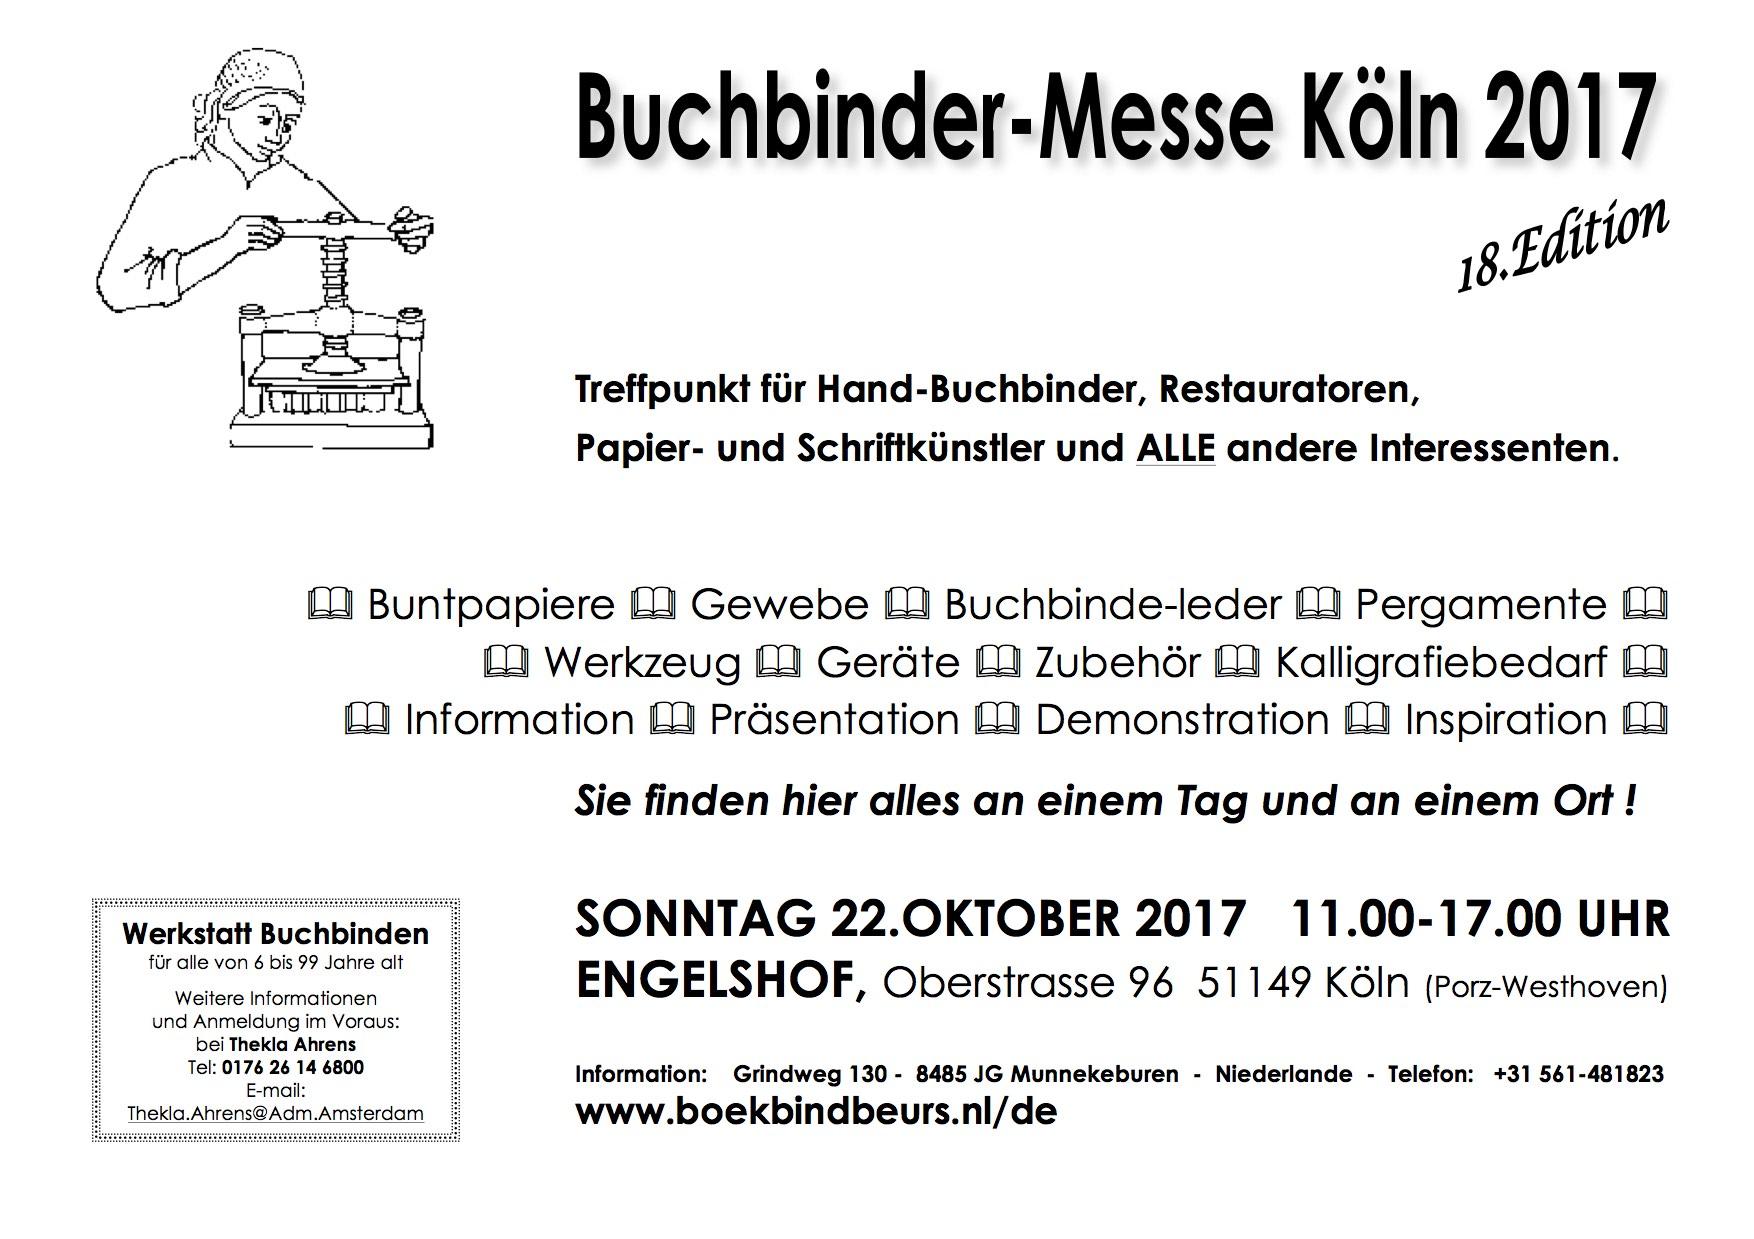 Affiche-Buchbinder-Messe-Köln-2017